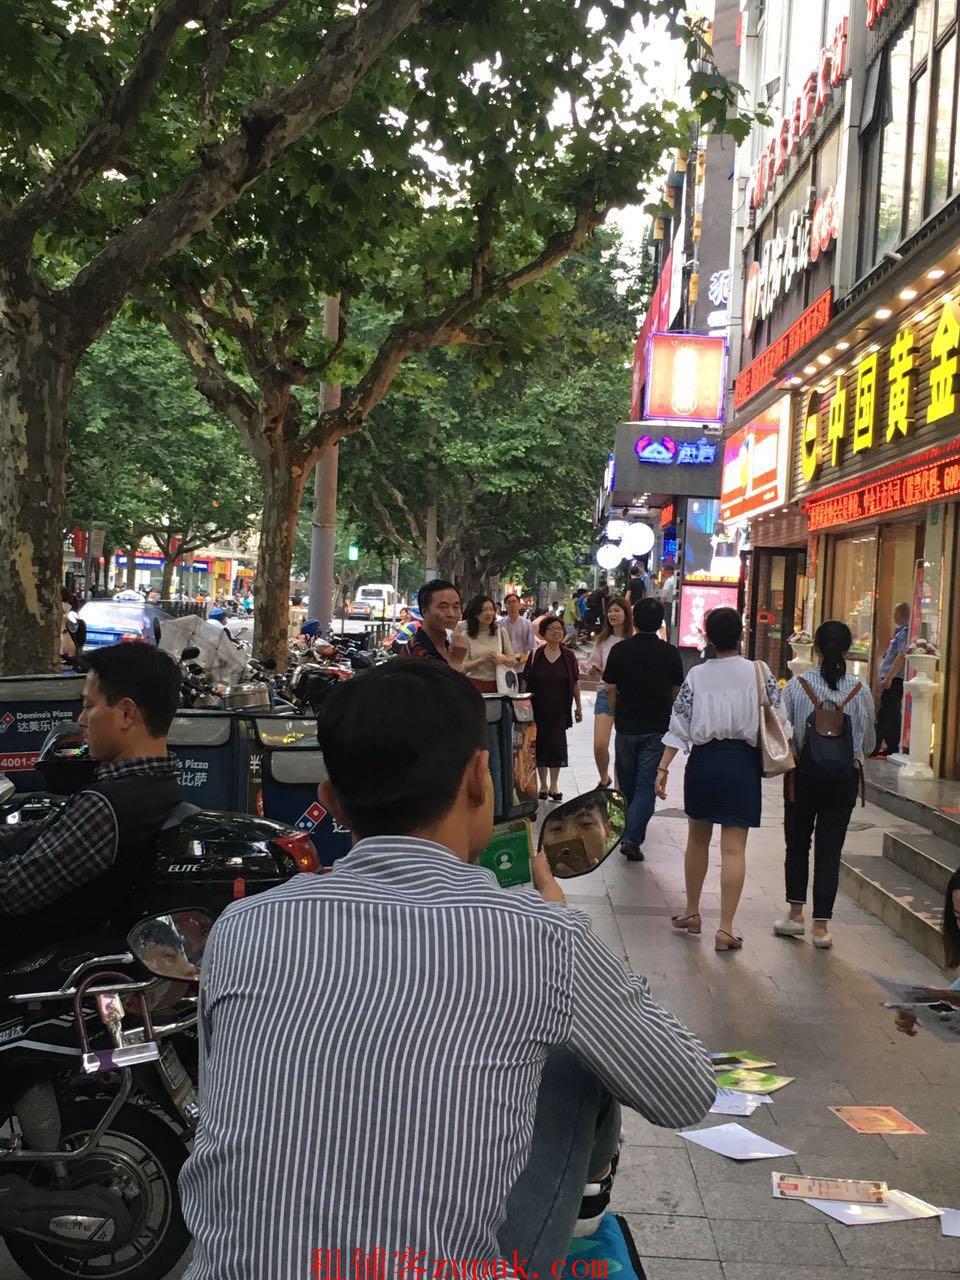 徐汇区大木桥路斜土路餐饮旺铺招租,适合做各种餐饮小吃,执照齐